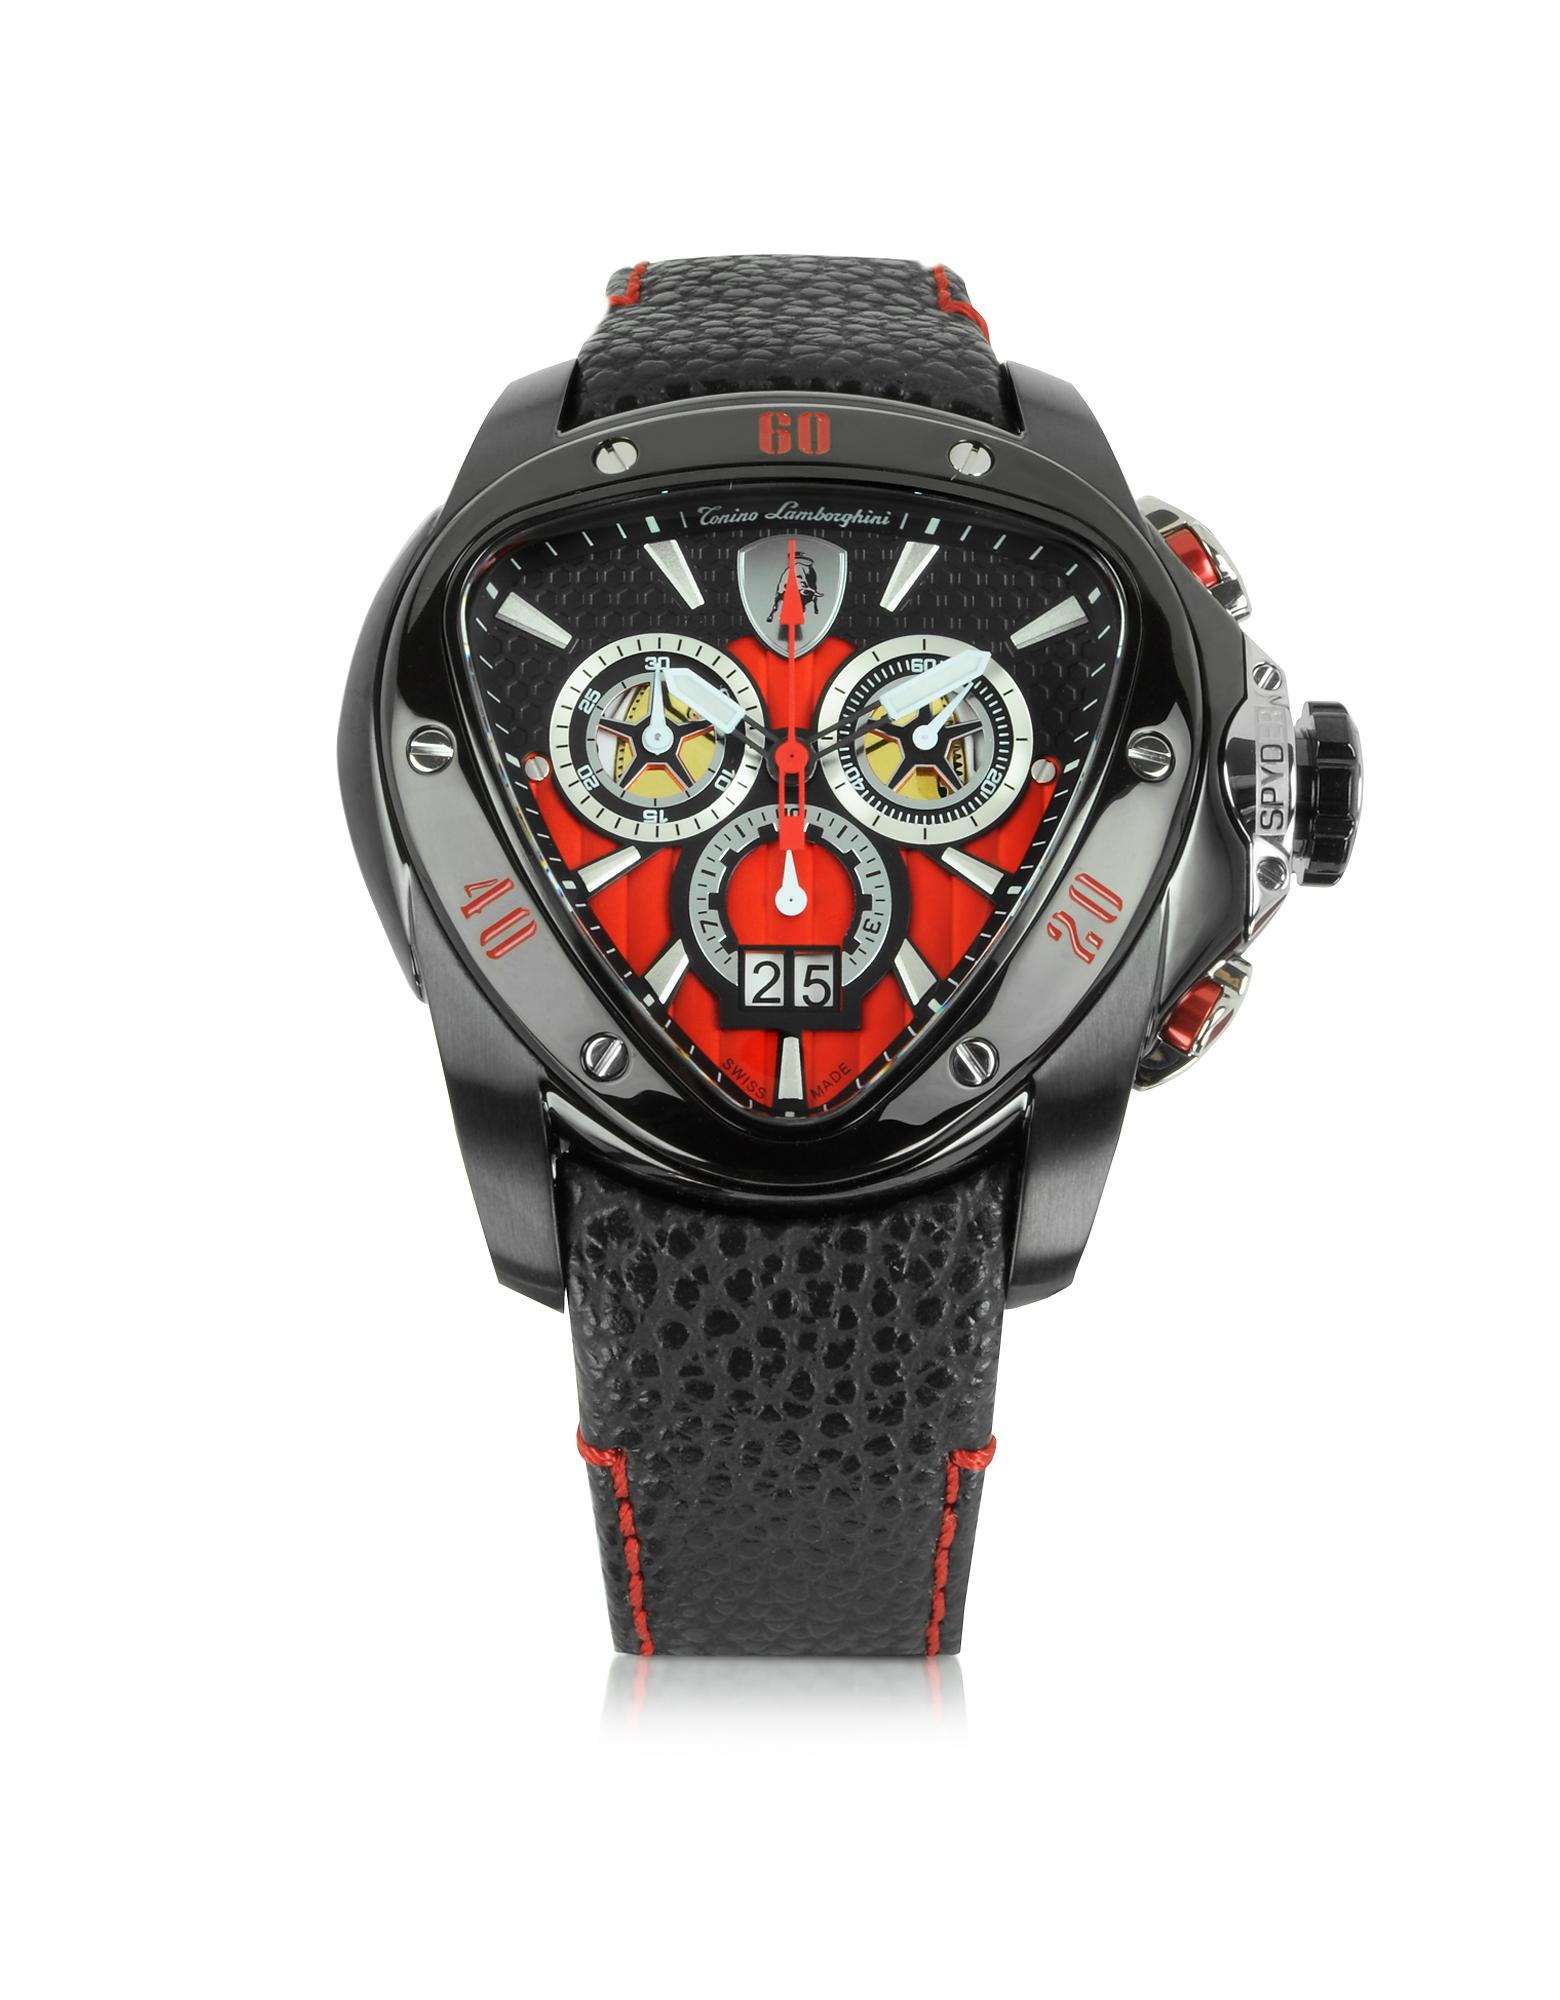 Spyder - Черные Часы Хронограф из Нержавеющей Стали с Красным Циферблатом